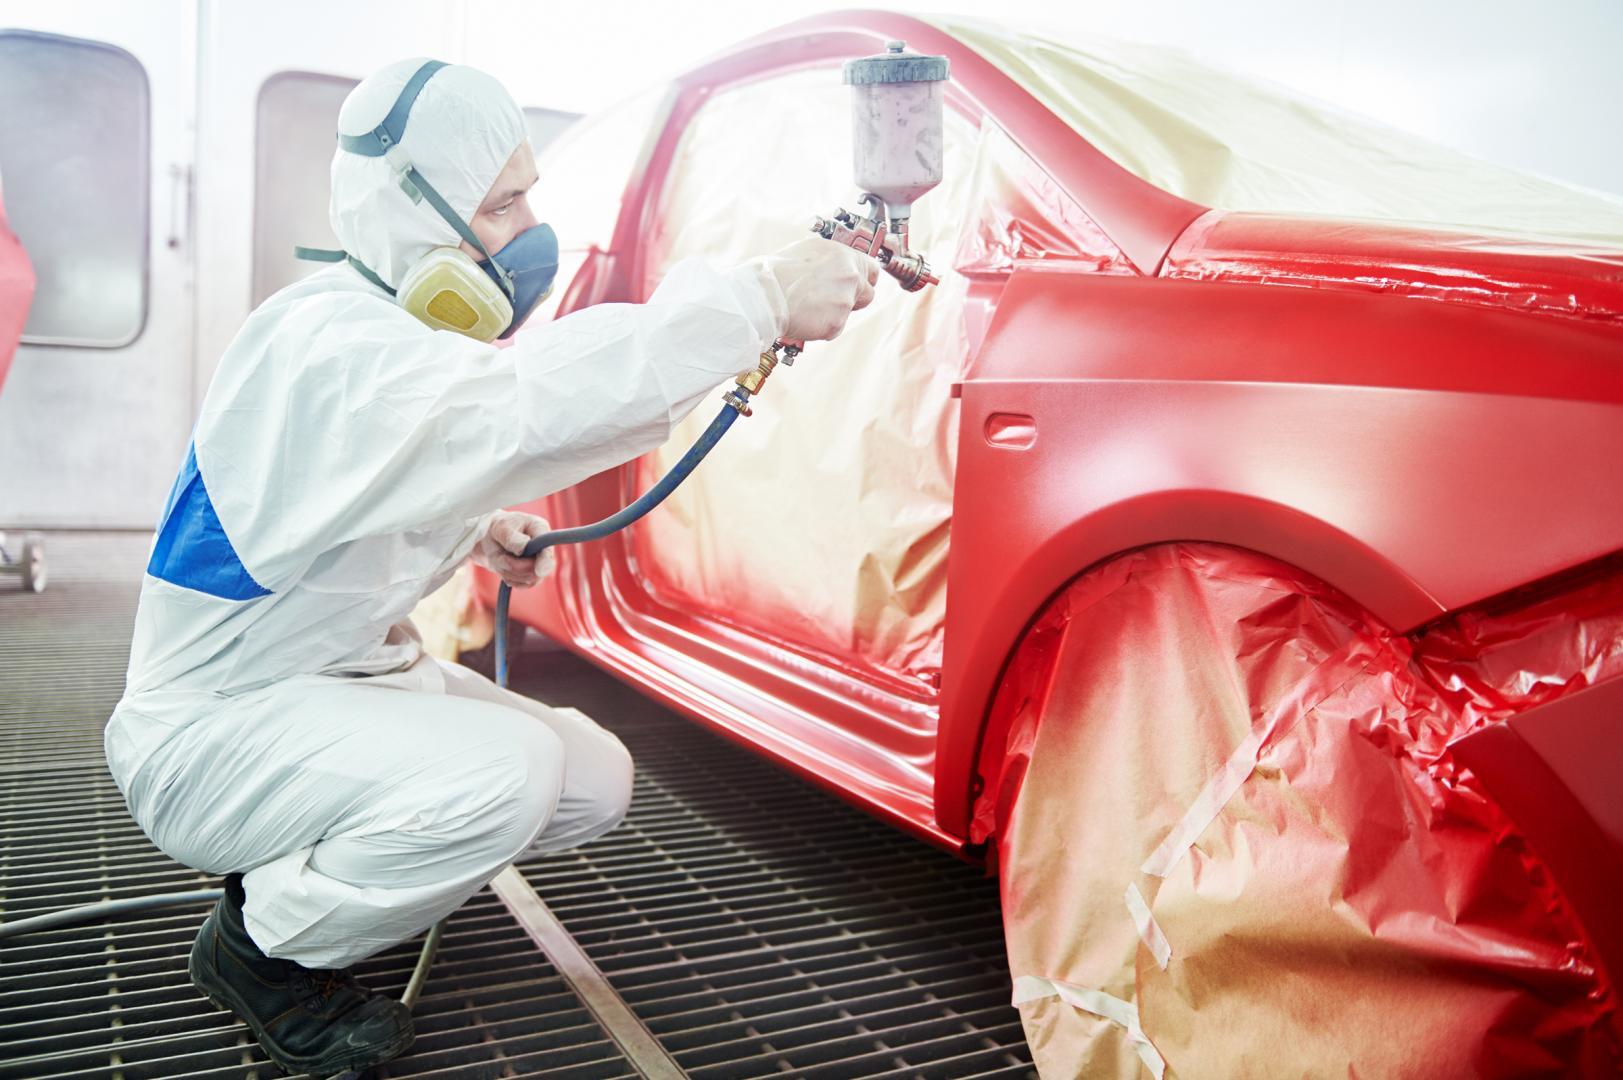 lakiernik podczas malowania